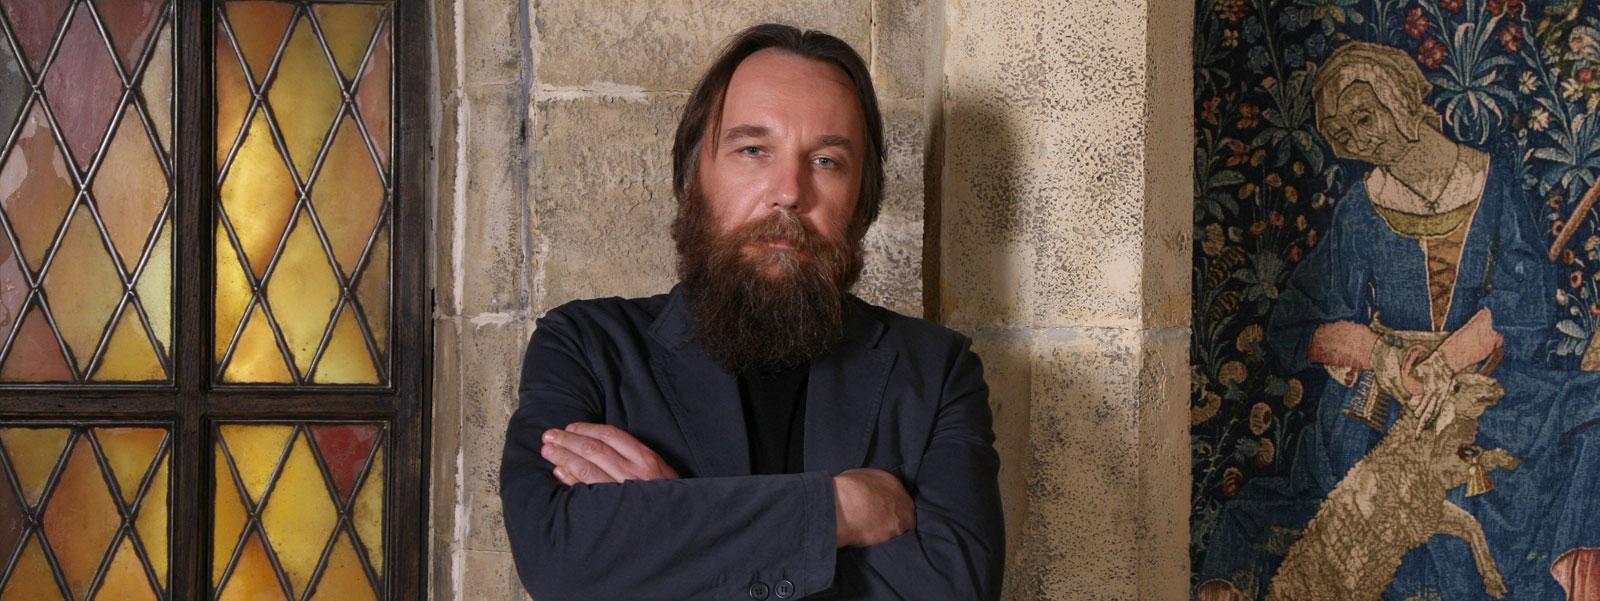 İnsanlığın Ön Cephesi Avrasya – Aleksandr Dugin